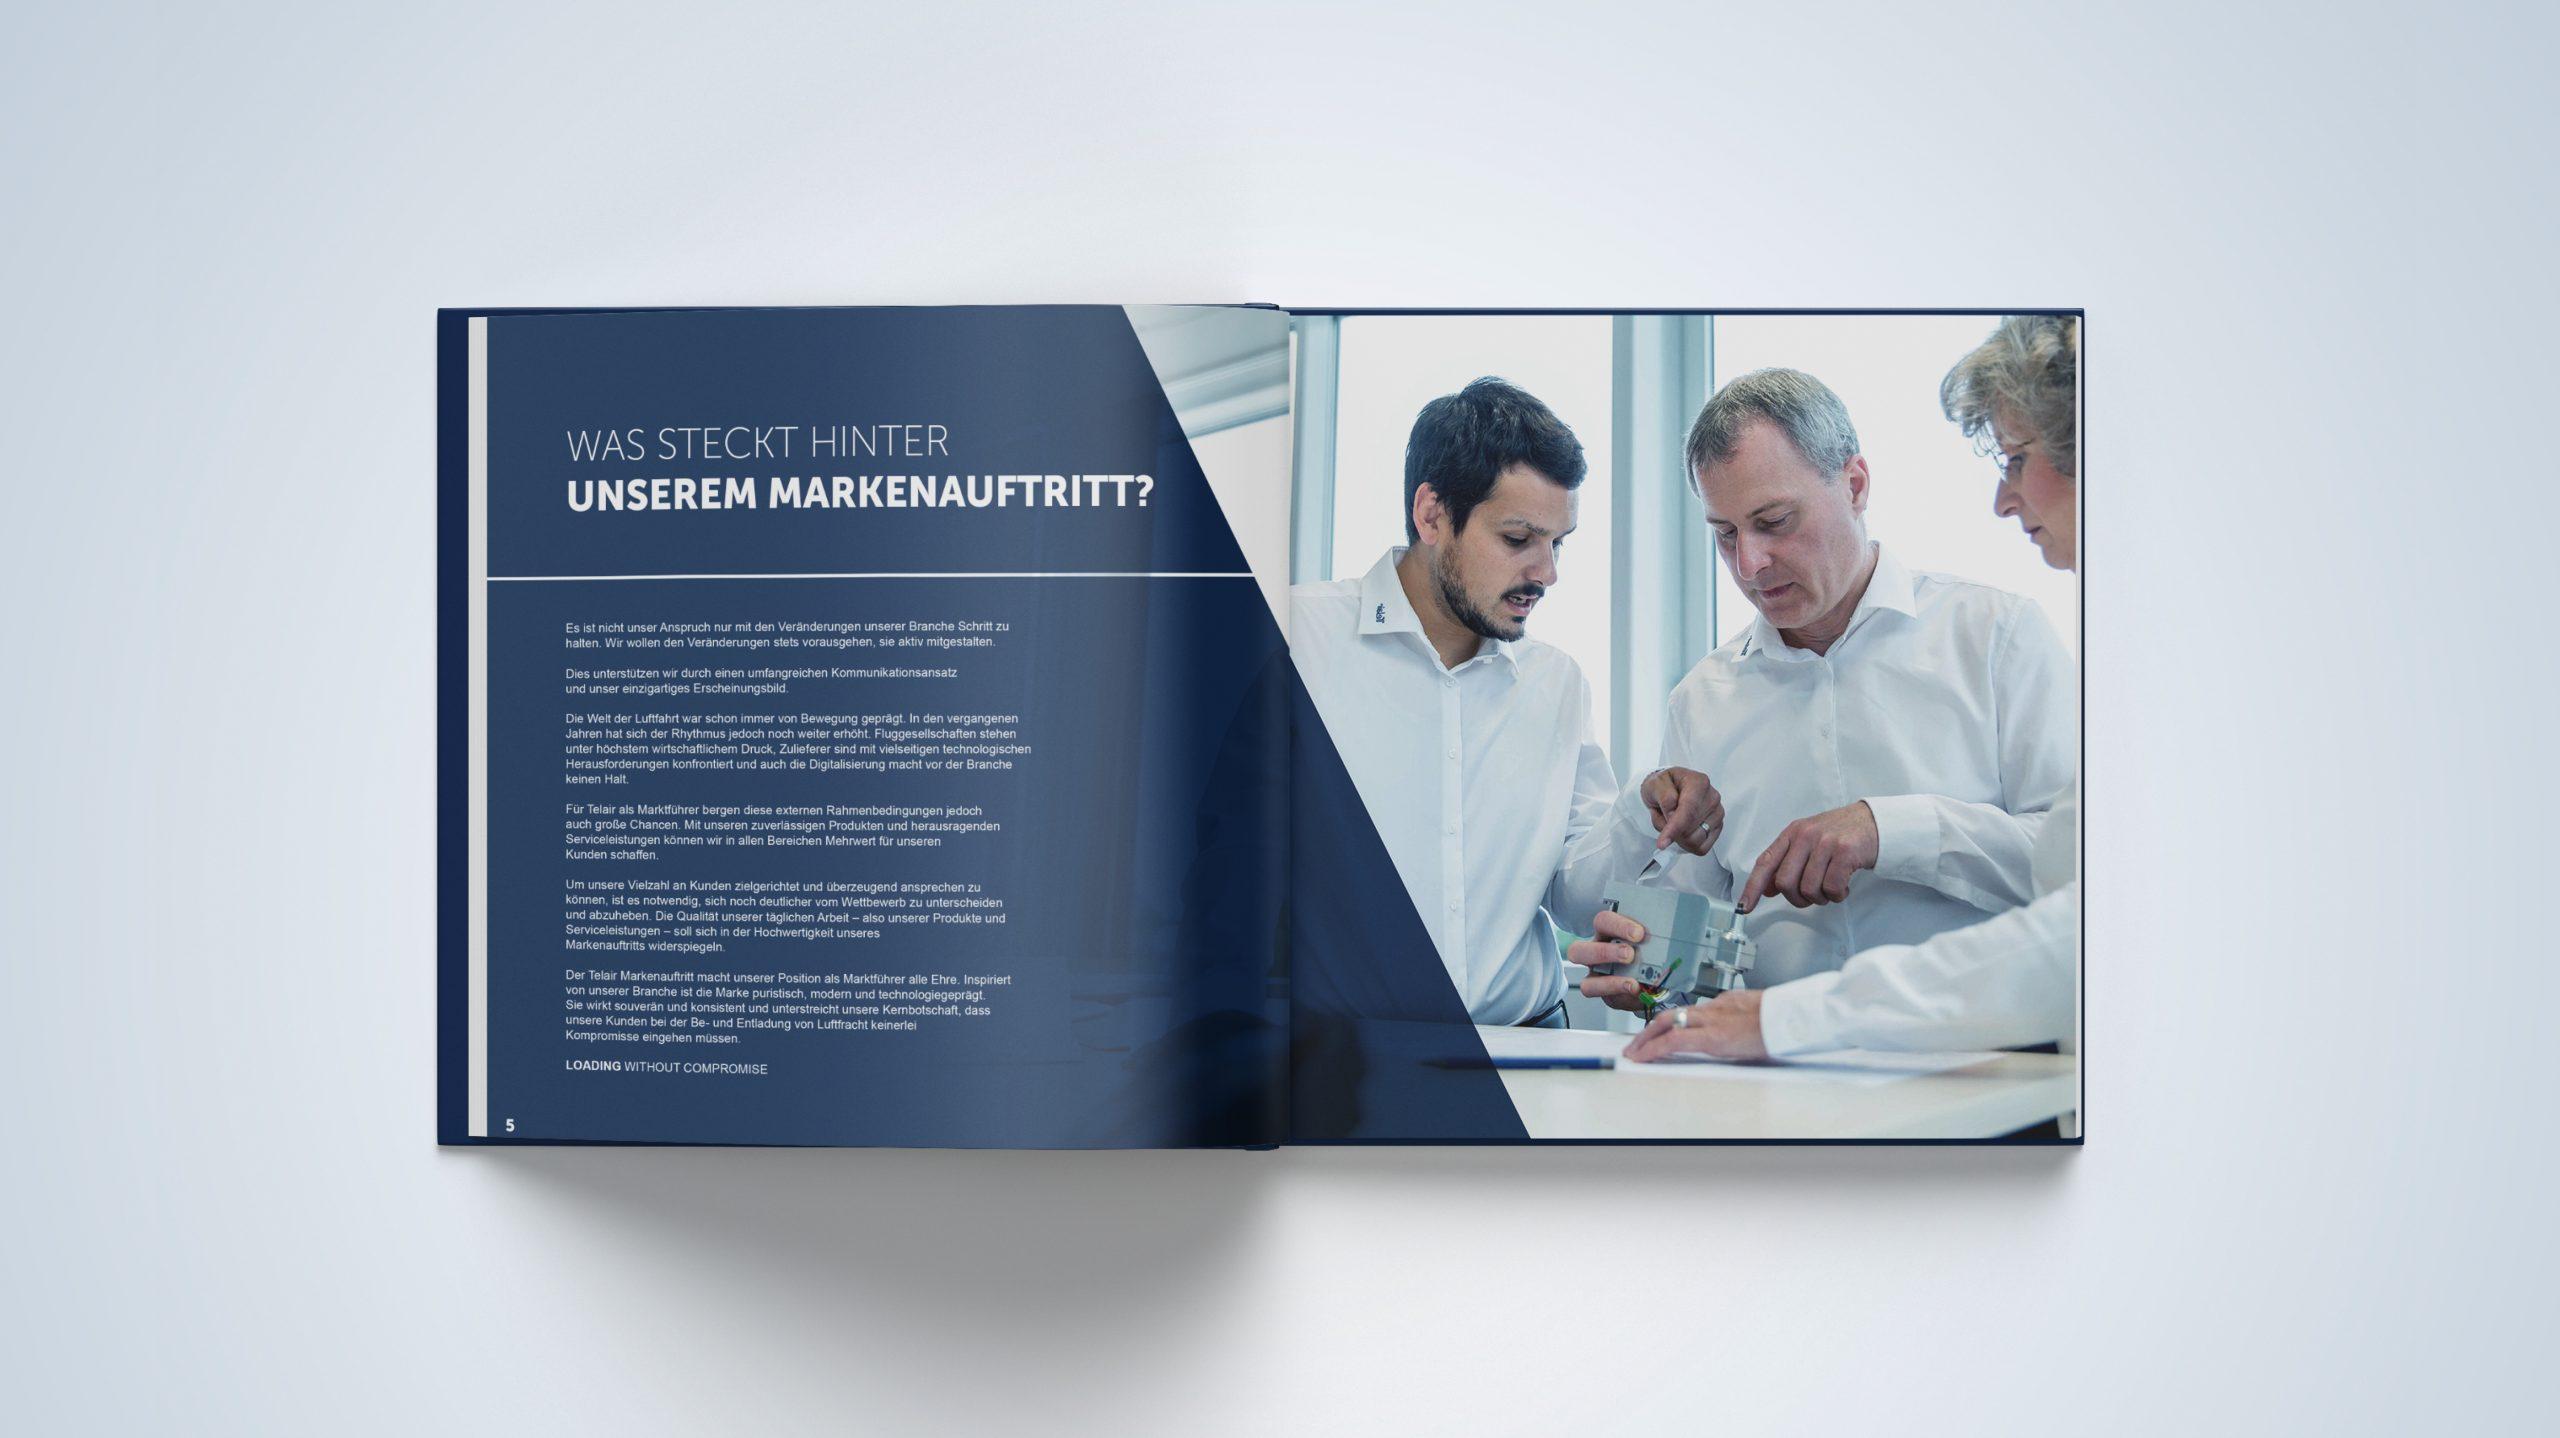 Wir gestalten das Brand Book deines Unternehmens und erzählen die Geschichte. Markenbildung